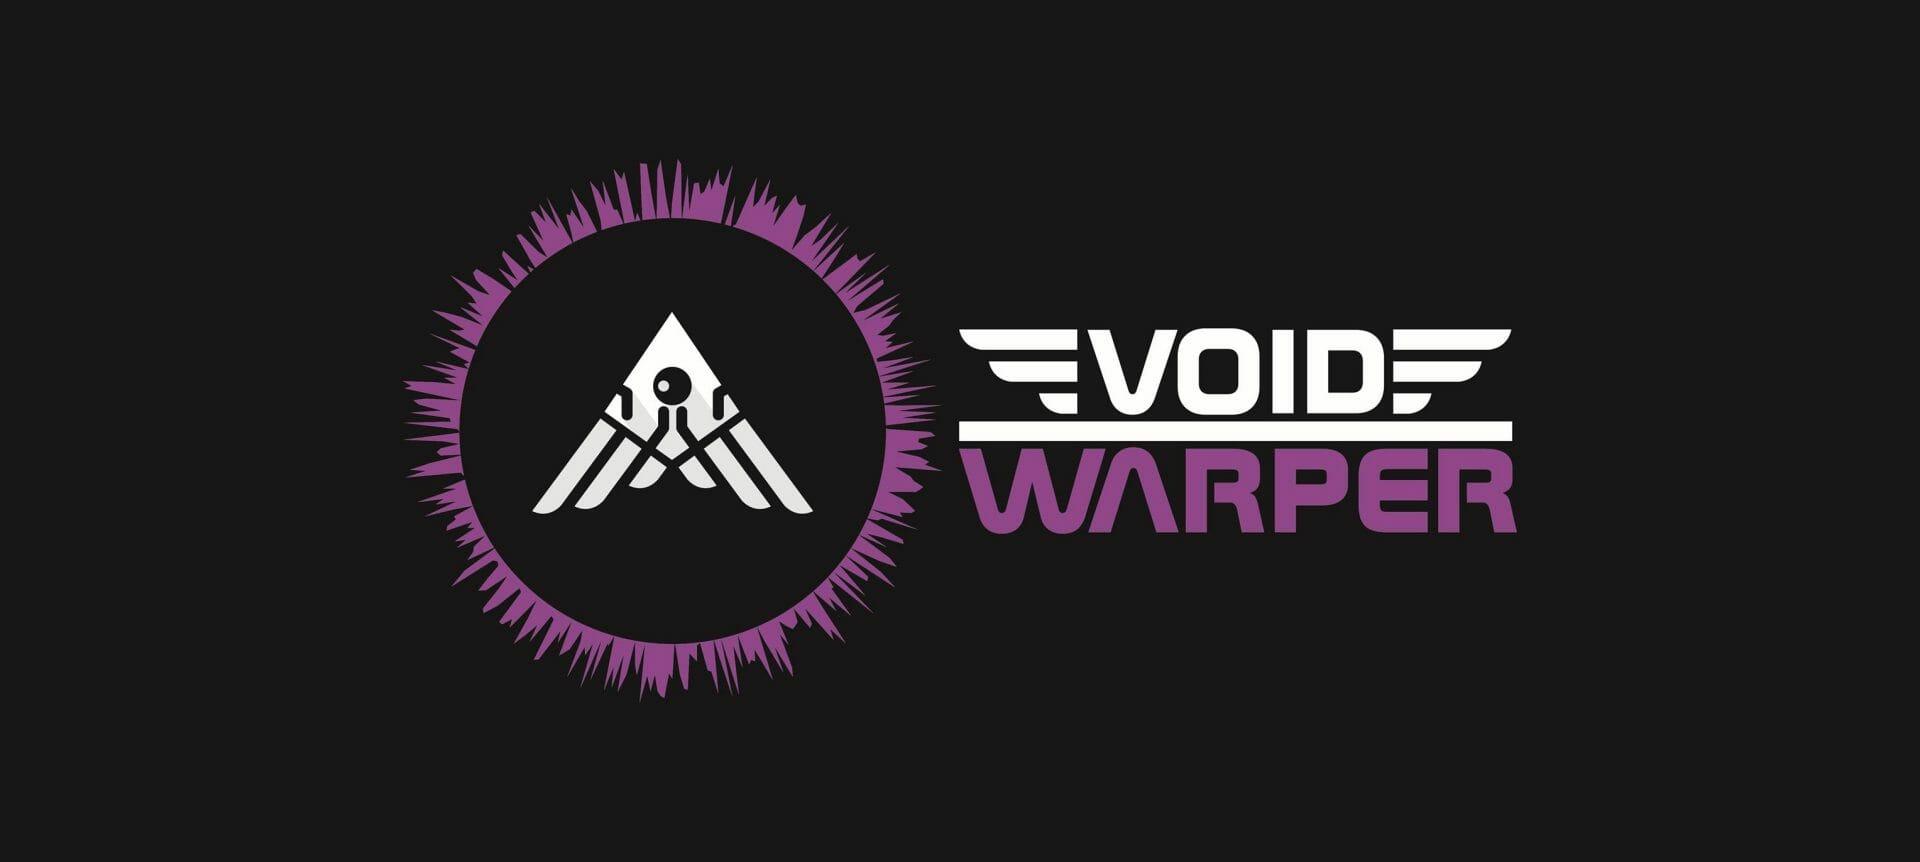 Void Warper